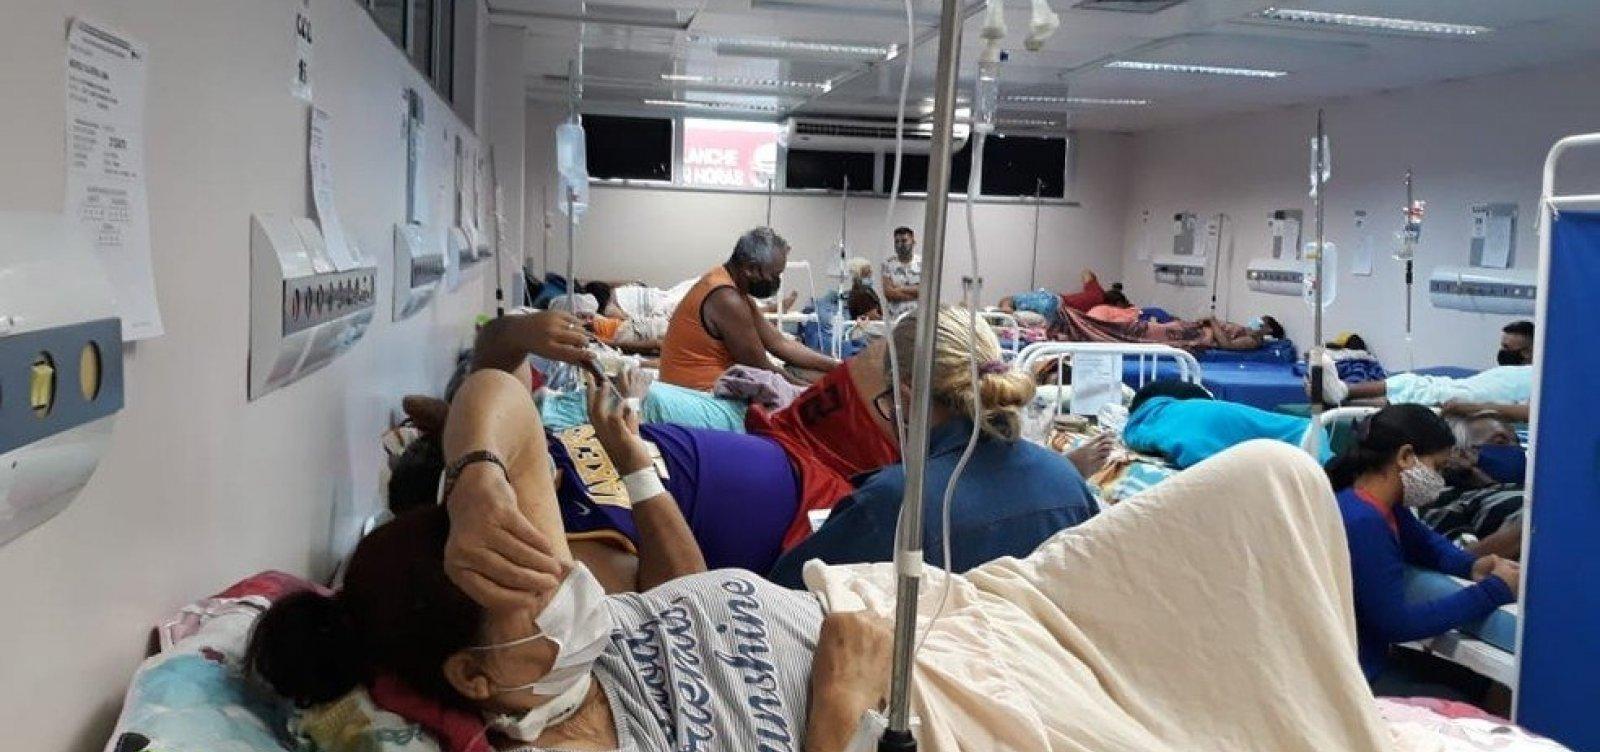 Em meio a crise na saúde, governo autoriza ampliação de vagas do Mais Médicos em Manaus